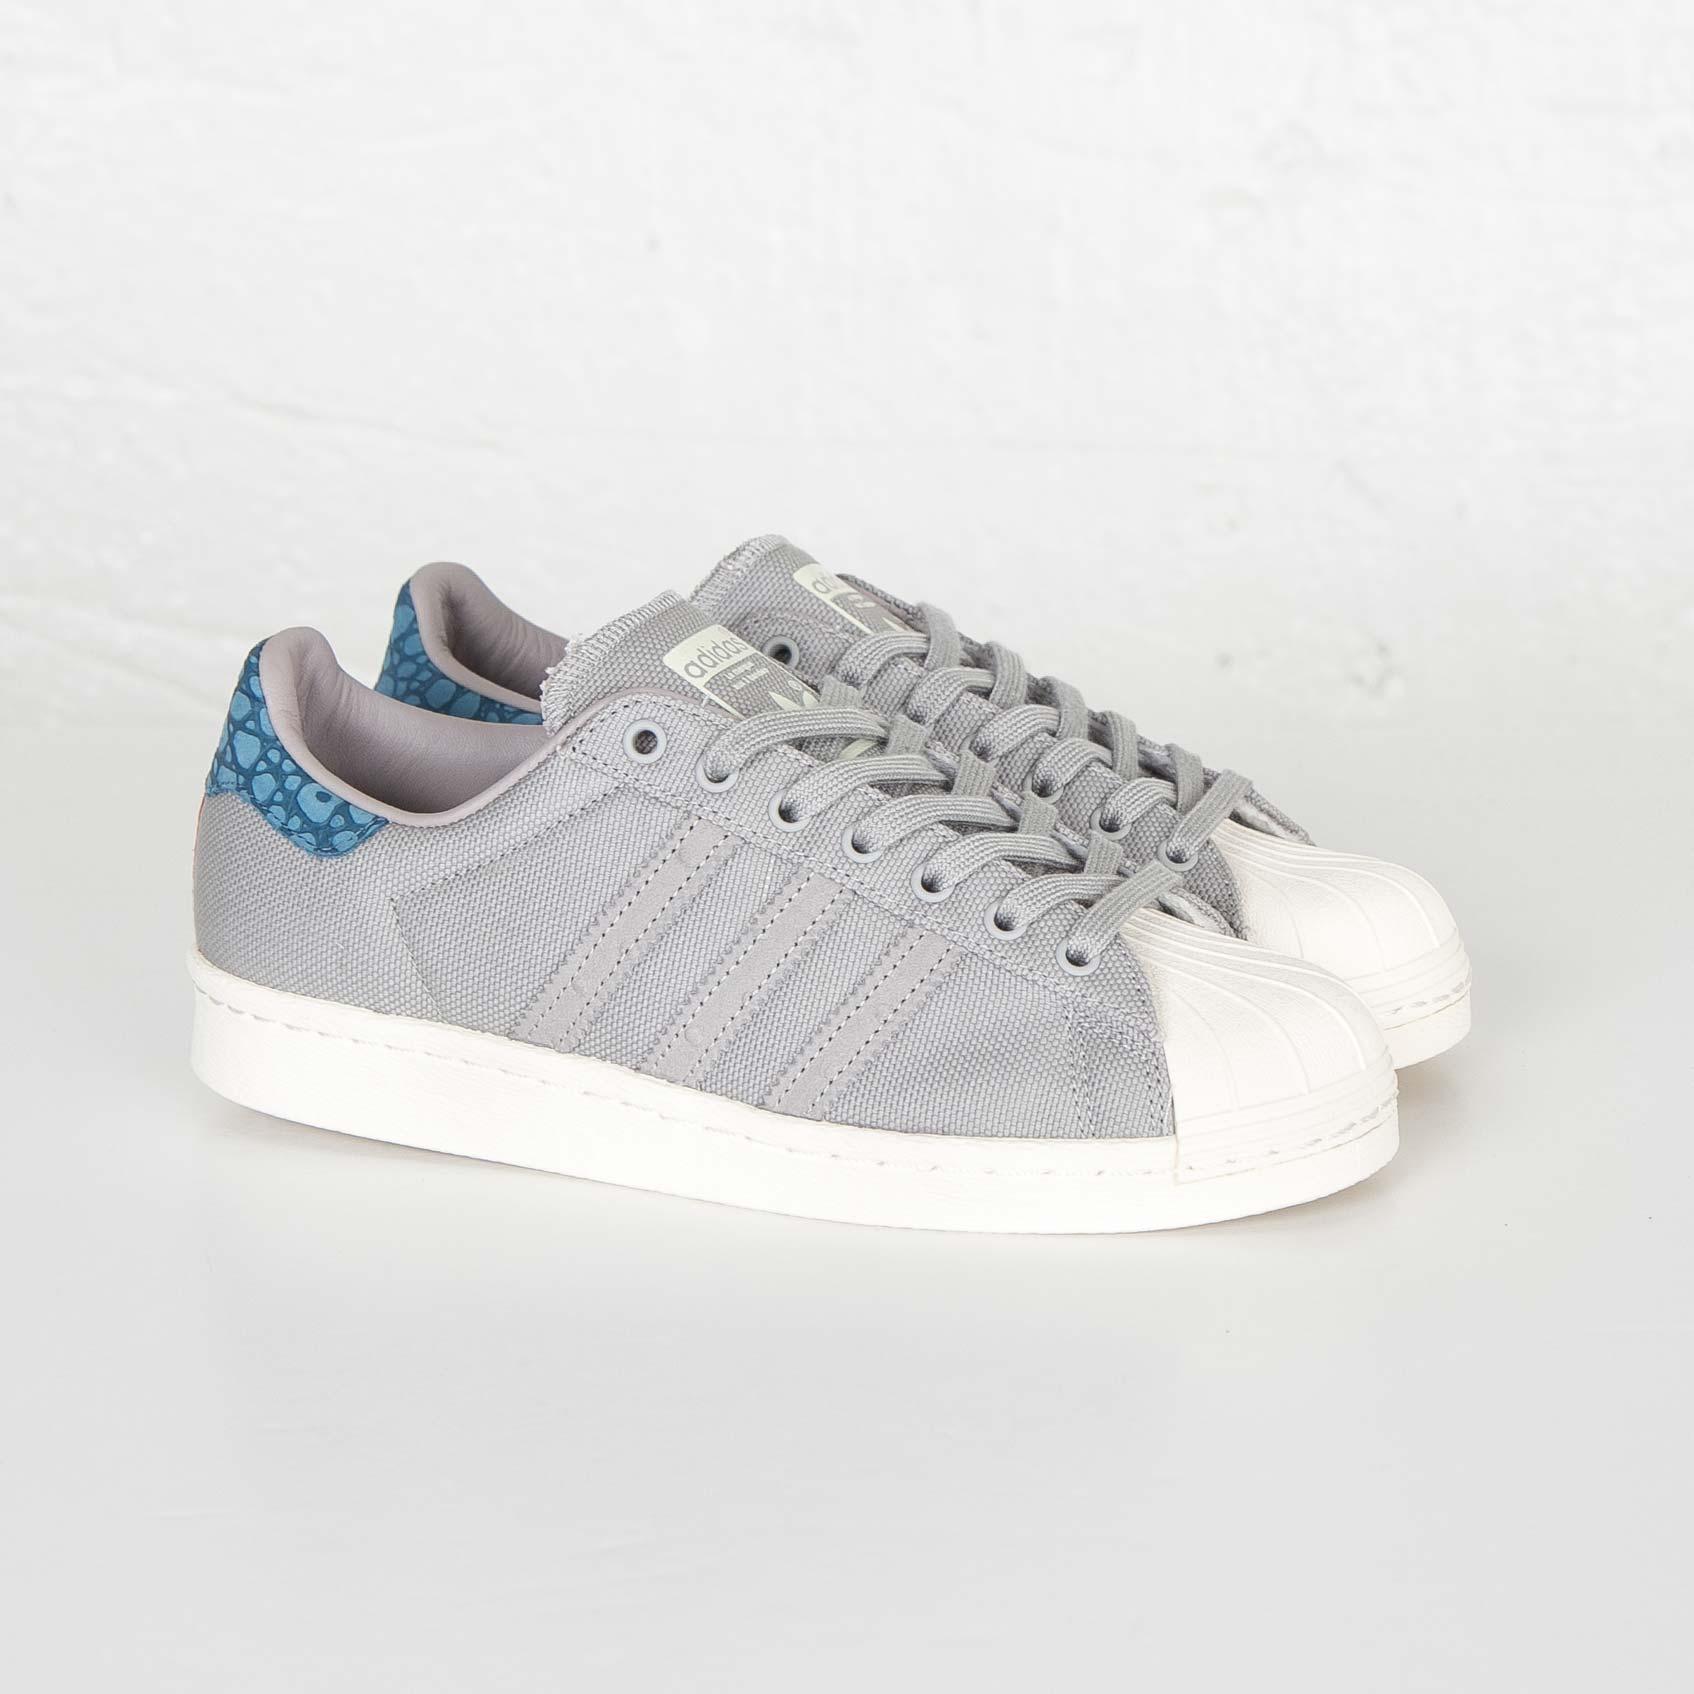 4897feb4b0 adidas Superstar 80s Animal - S75005 - Sneakersnstuff | sneakers ...